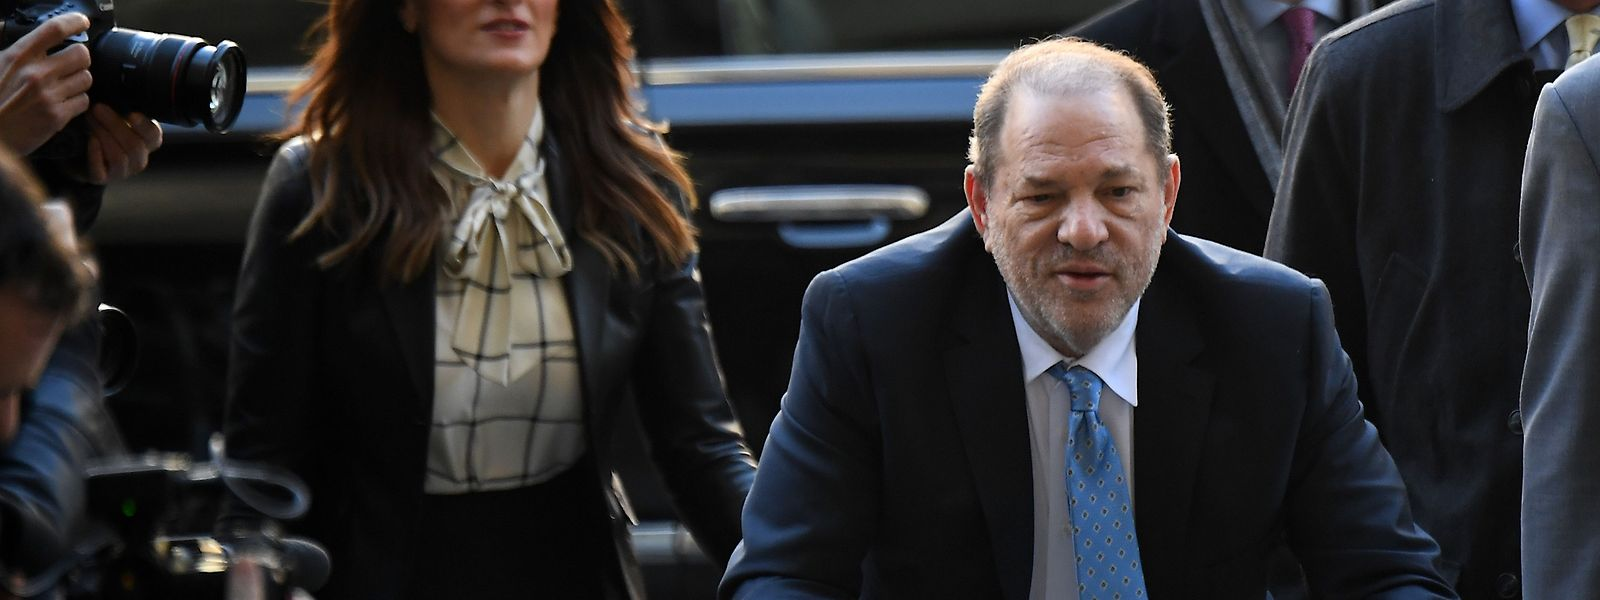 Harvey Weinstein wurde zu 23 Jahren Haft verurteilt.